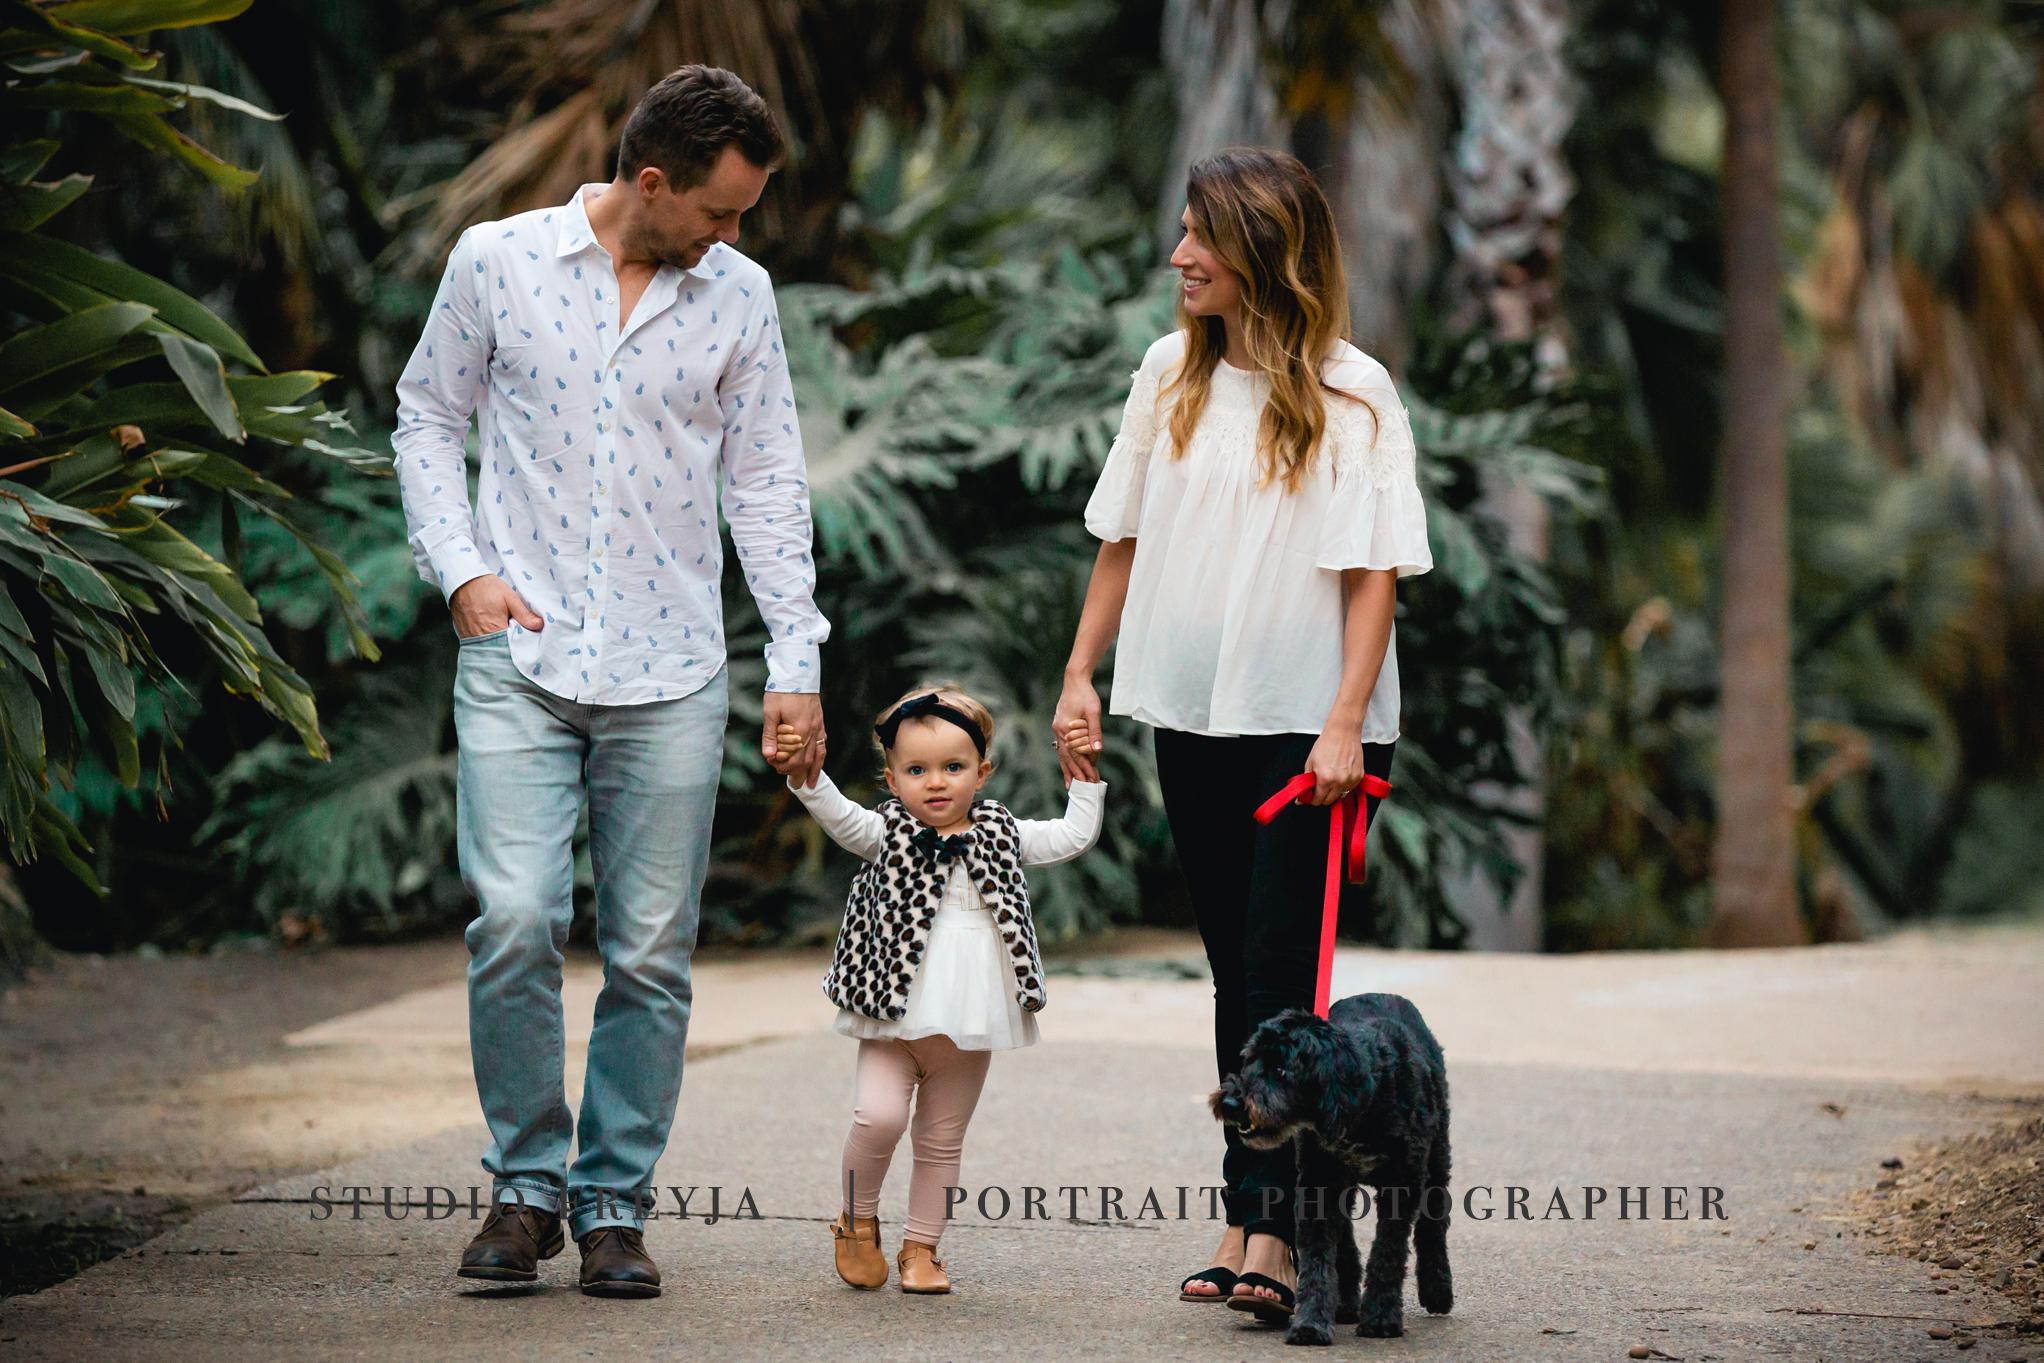 Nolan Balboa Park Family Session Copyright Studio Freyja San Diego Portrait Photographer-43.jpg